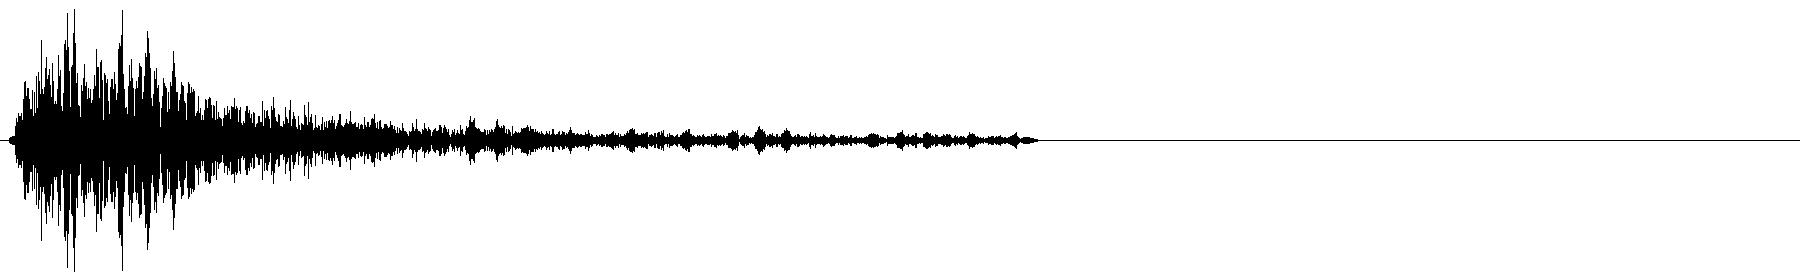 longer snare